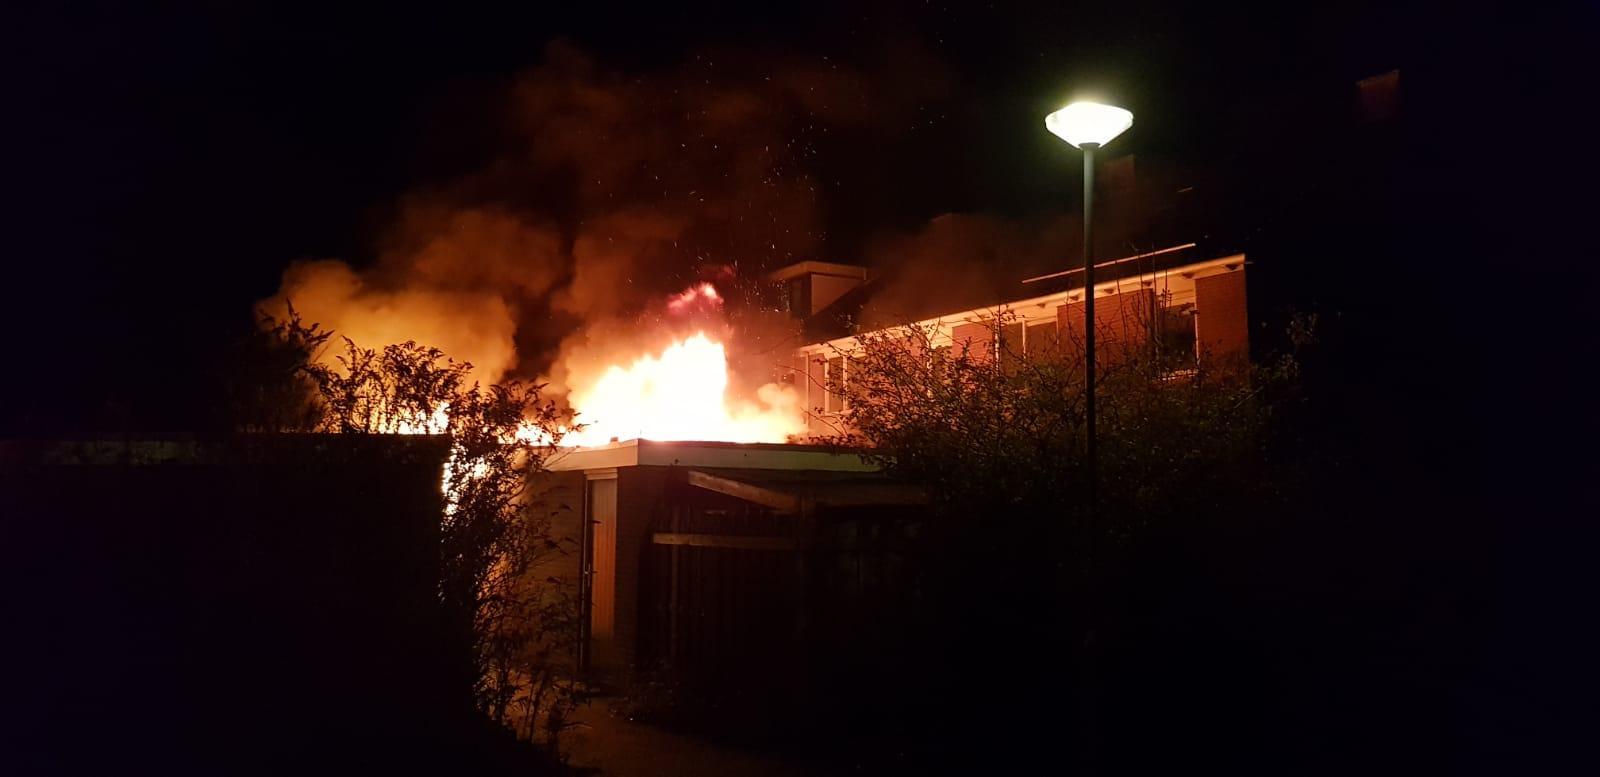 Meerdere schuren in brand bij woning in Bovenkarspel; omliggende woningen ontruimd